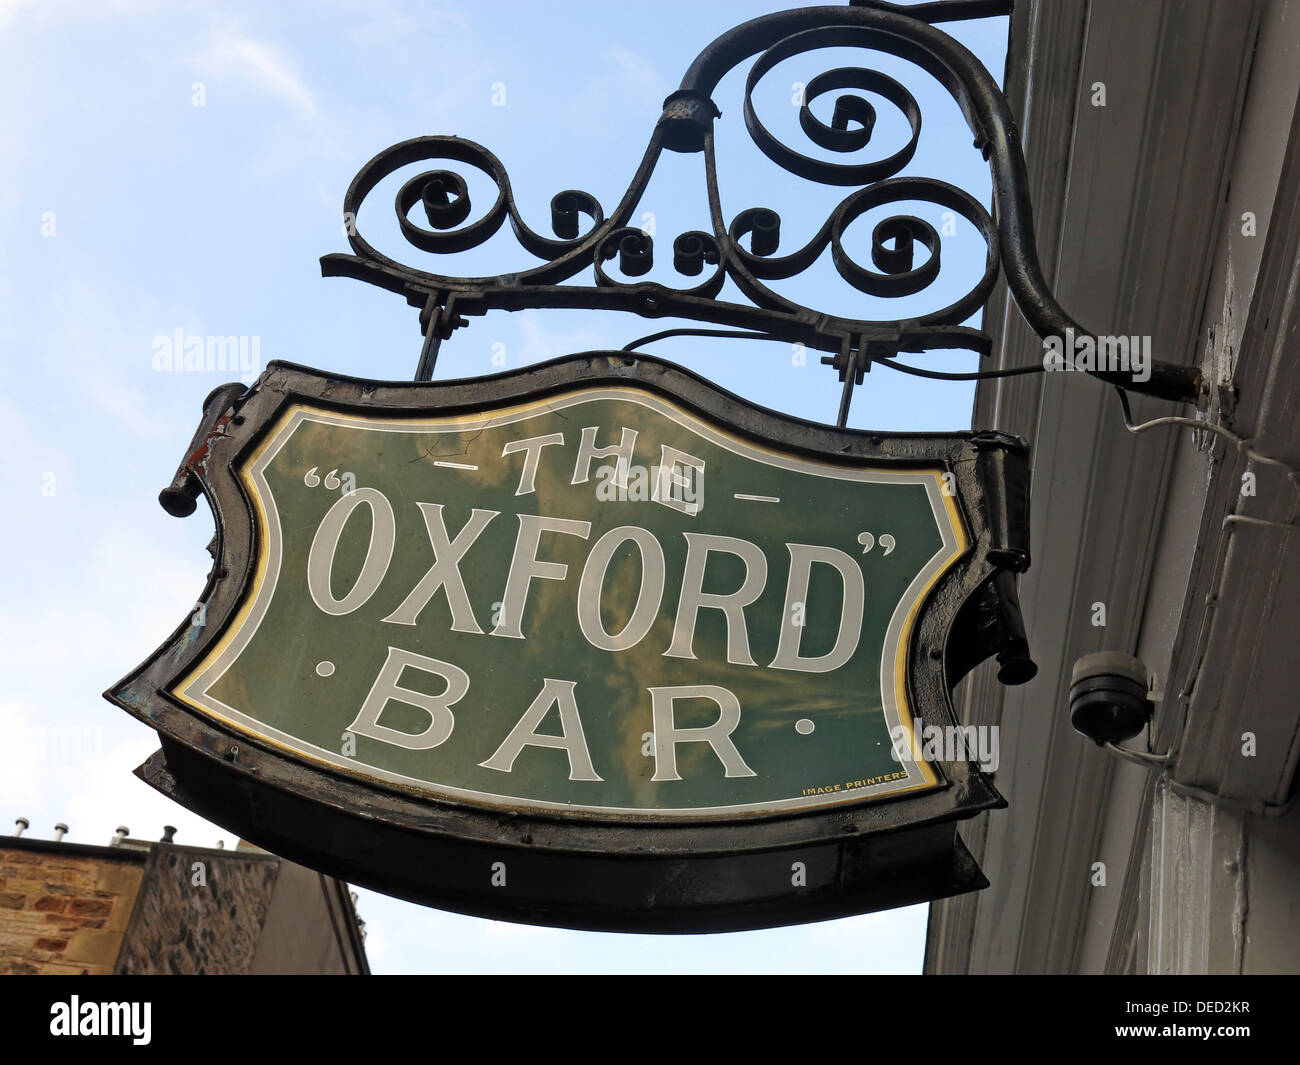 Laden Sie dieses Alamy Stockfoto Schild an der Oxford-Bar. Ein Wirtshaus befindet sich auf der jungen Straße, in der New Town von Edinburgh, Schottland. Insp Rebus der lokalen - DED2KR